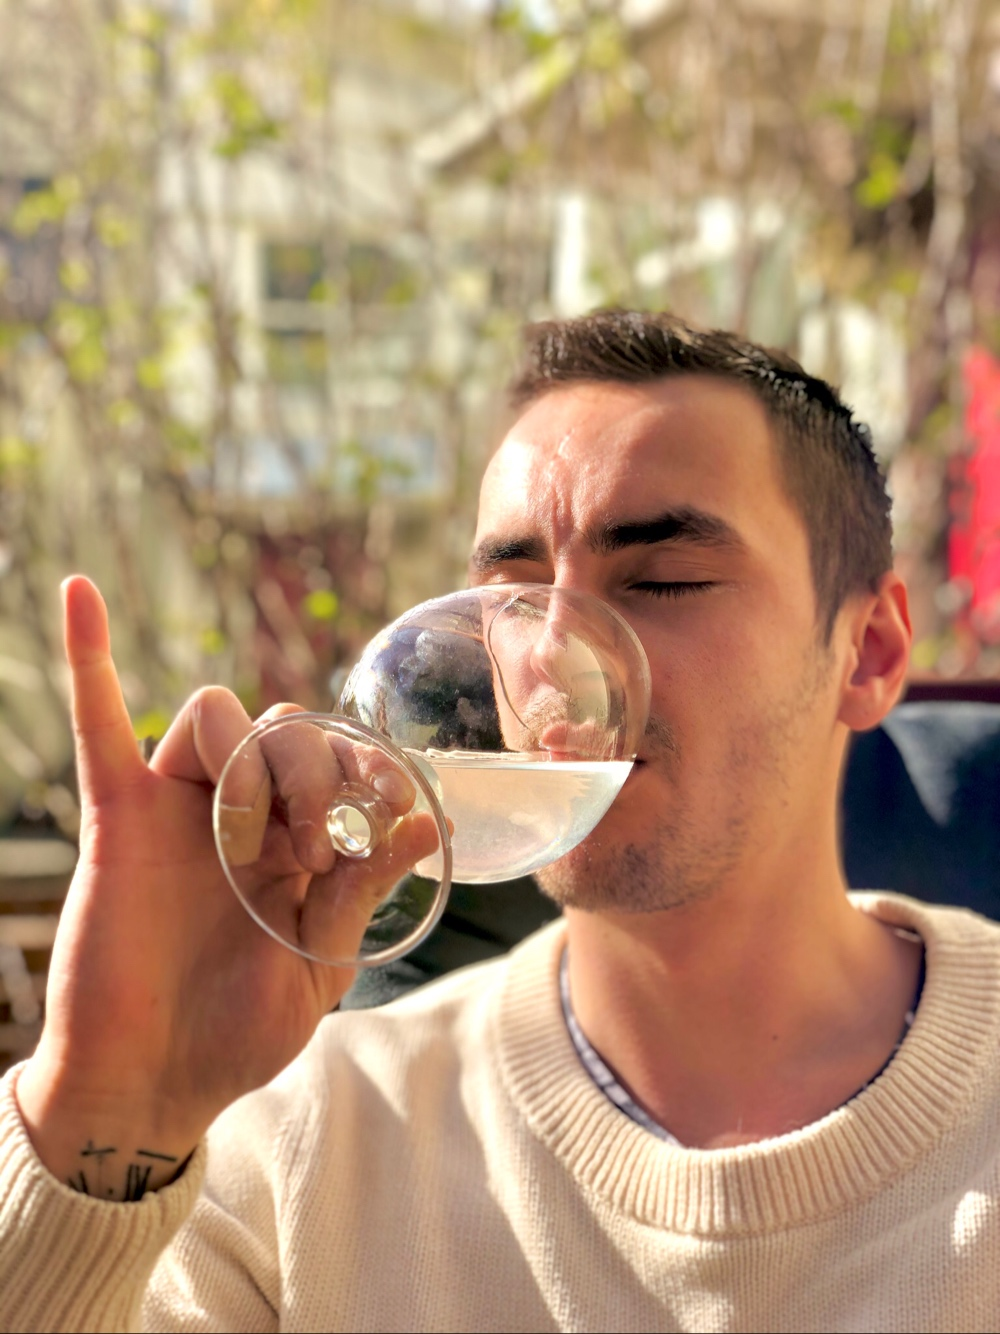 bild på en kille som dricker en drink ute av sebastian thorell